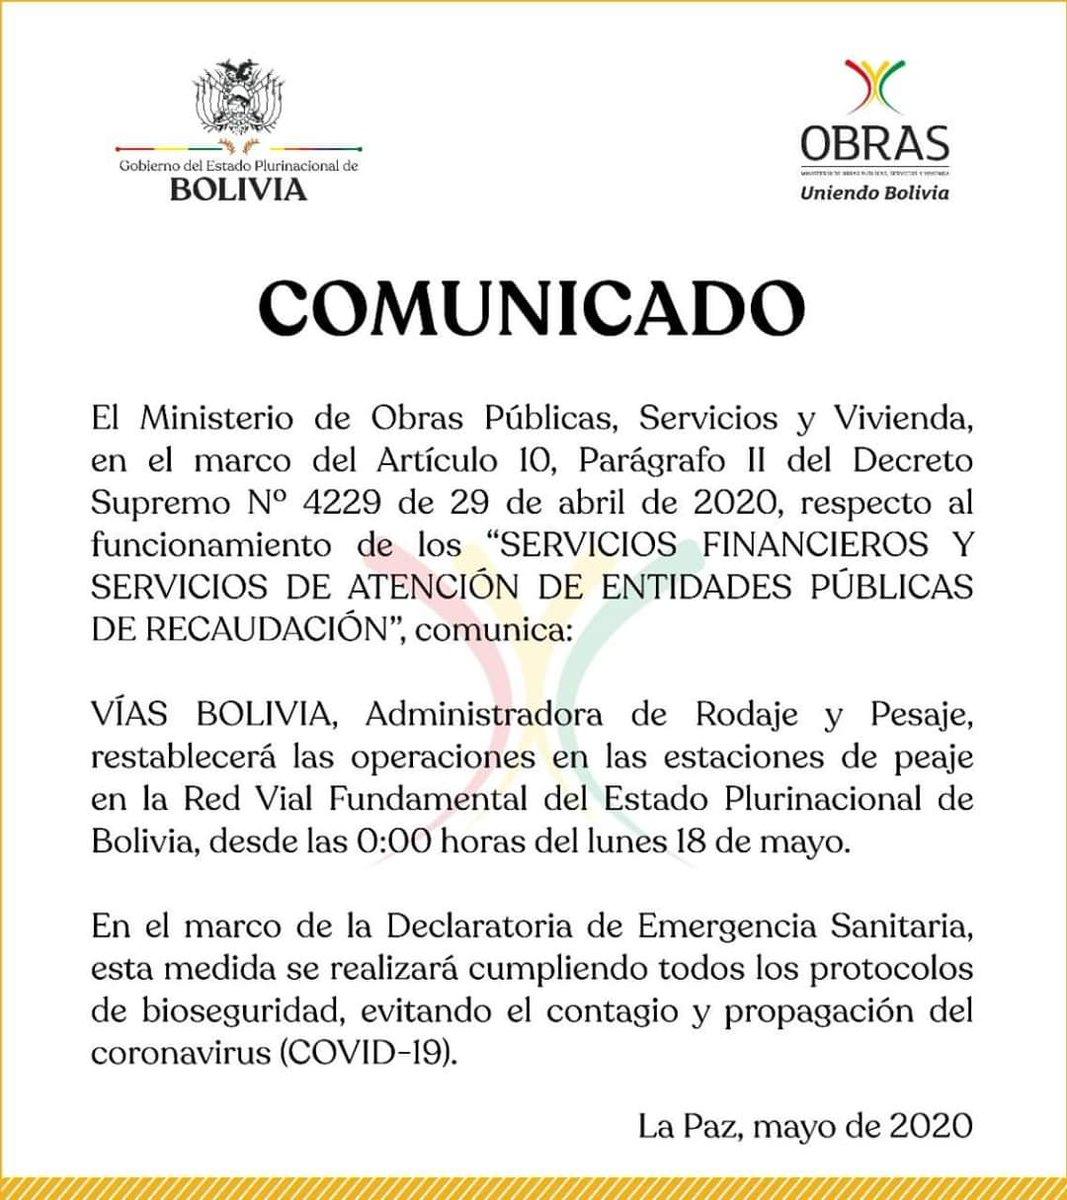 #Último   #VíasBolivia anuncia que restablecerá las operaciones en las estaciones de peaje. #YoMeQuedoEnCasa #CuarentenaTota https://t.co/A2OITu6mXh